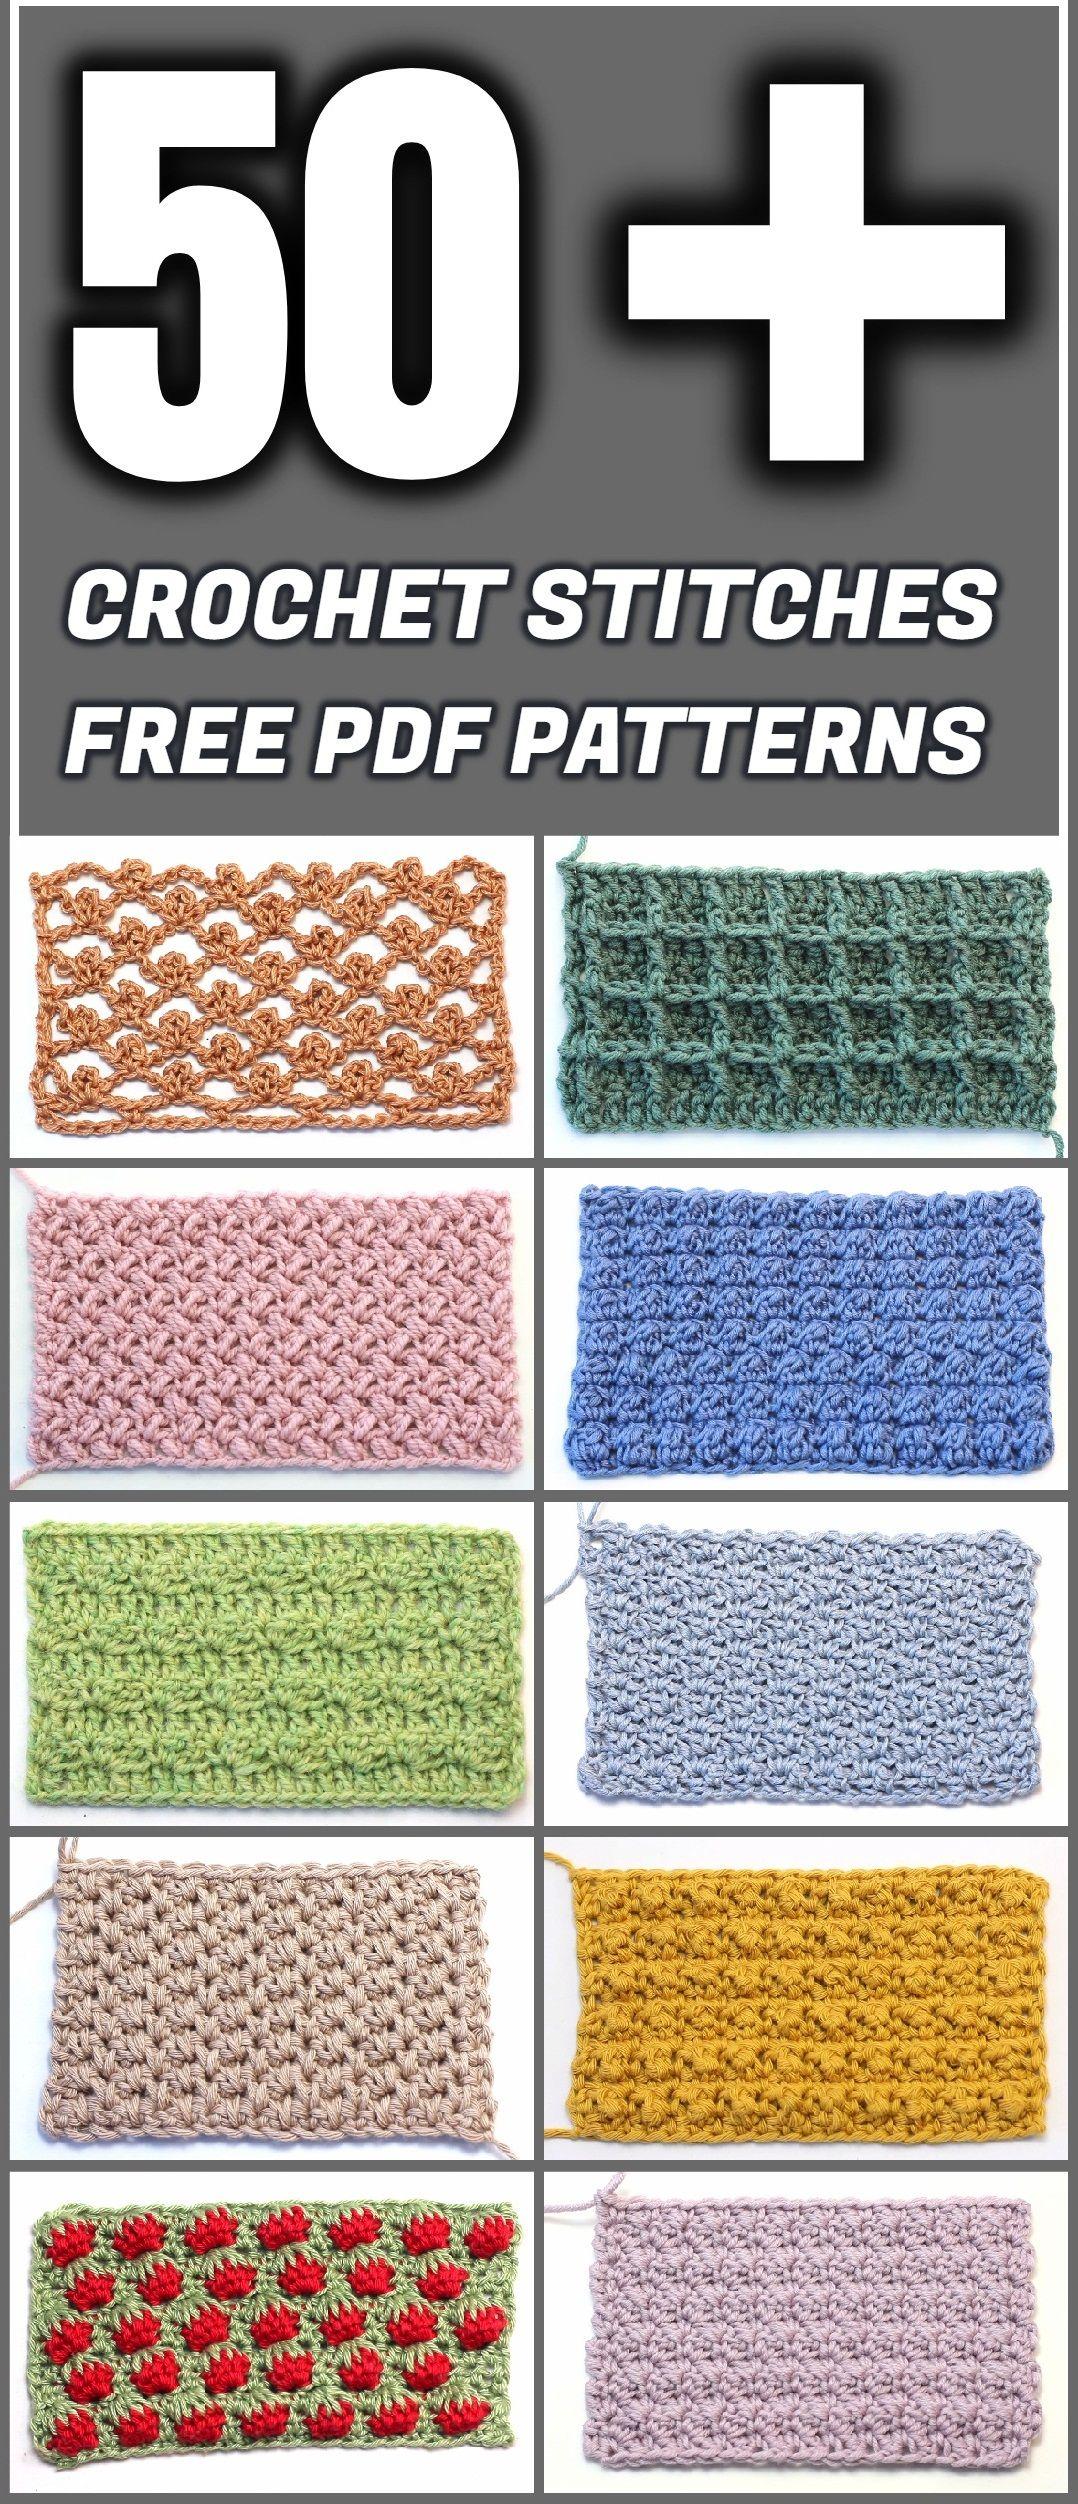 50+ Crochet Stitches Free PDF Patterns | Häkeln, Deckchen häkeln und ...